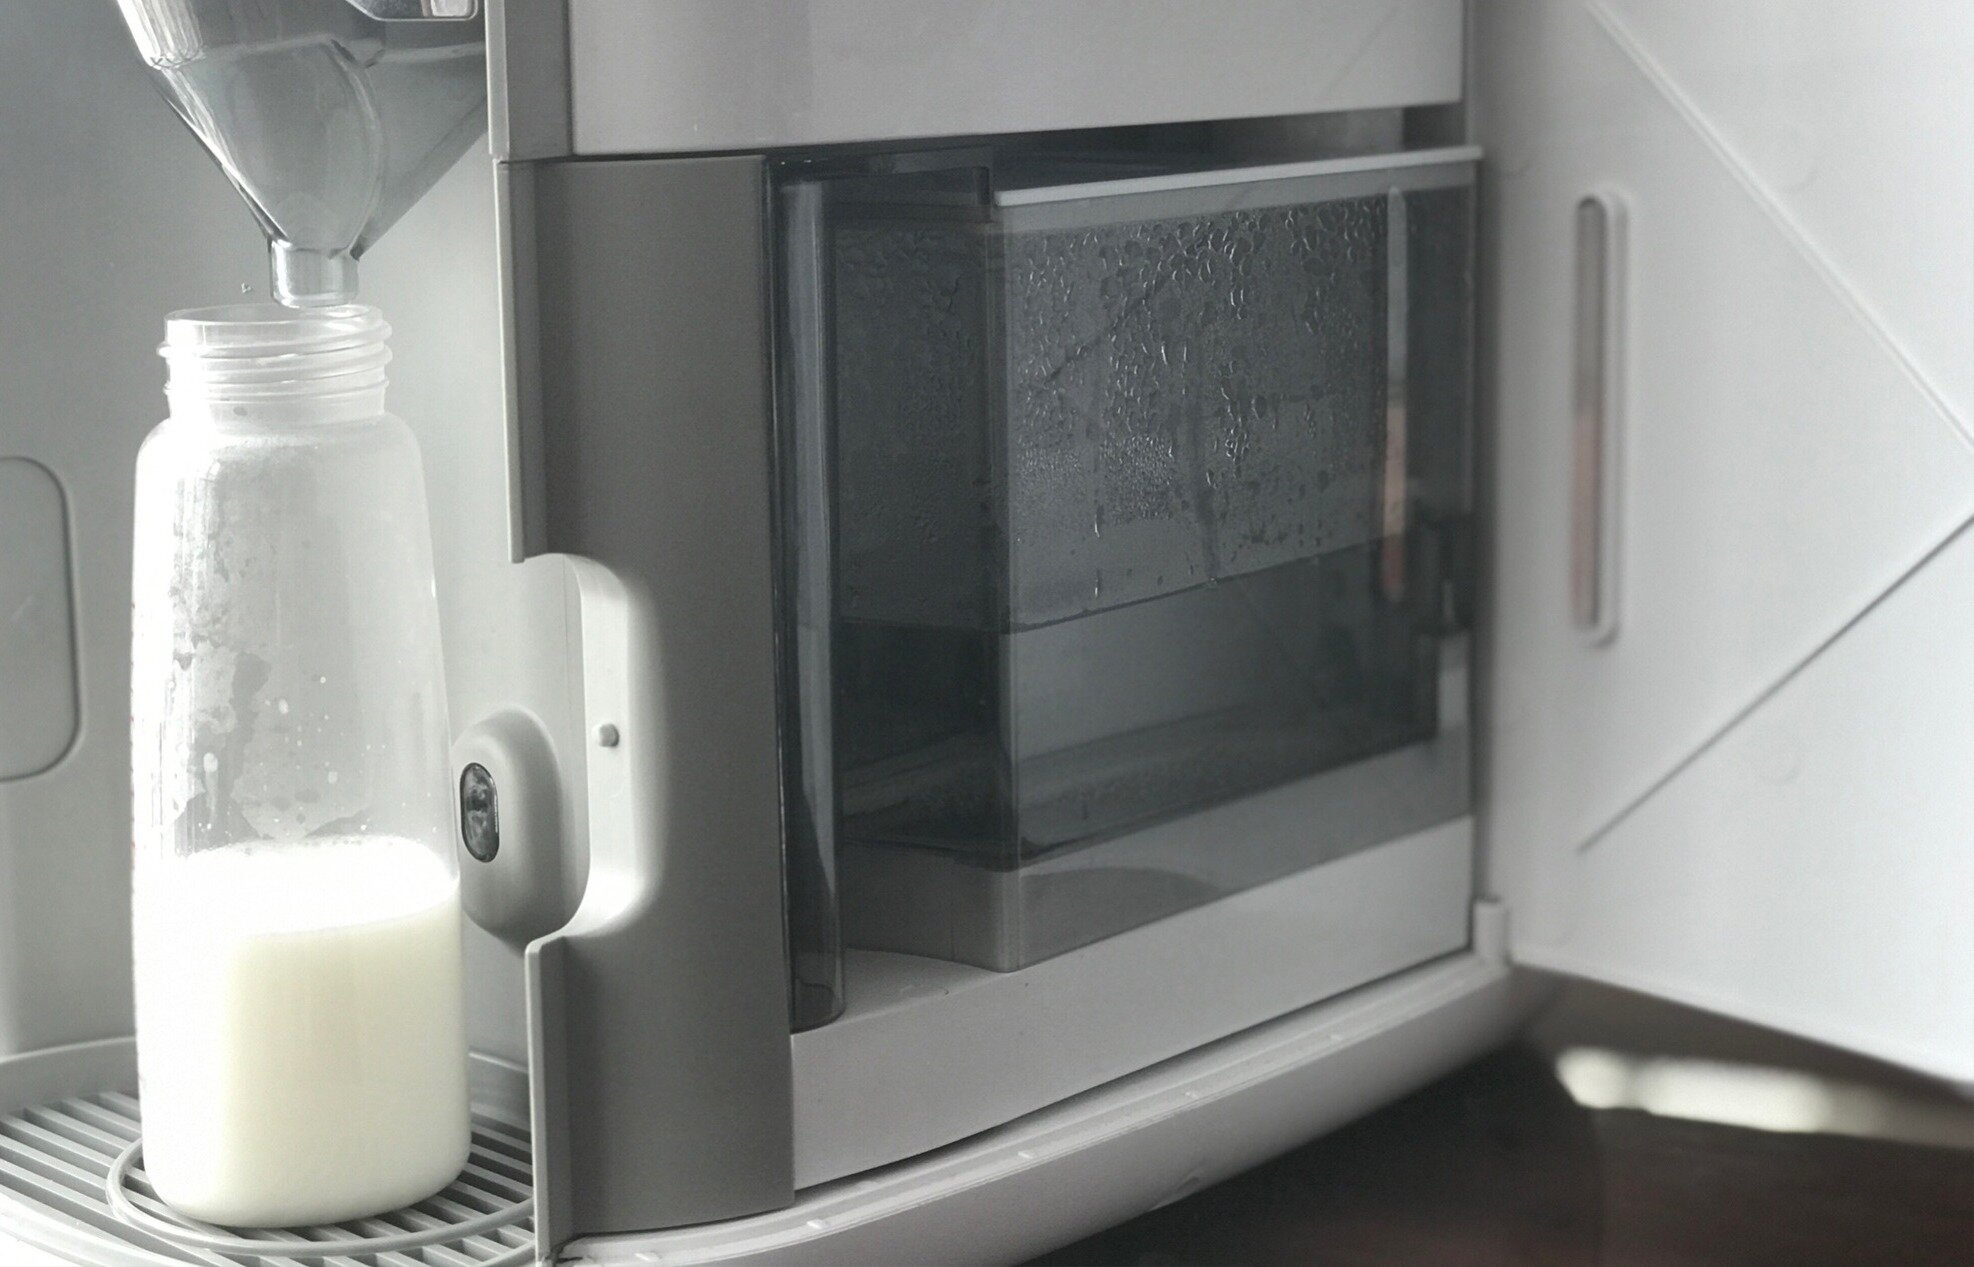 Pha sữa công thức đúng cách bằng máy Imami